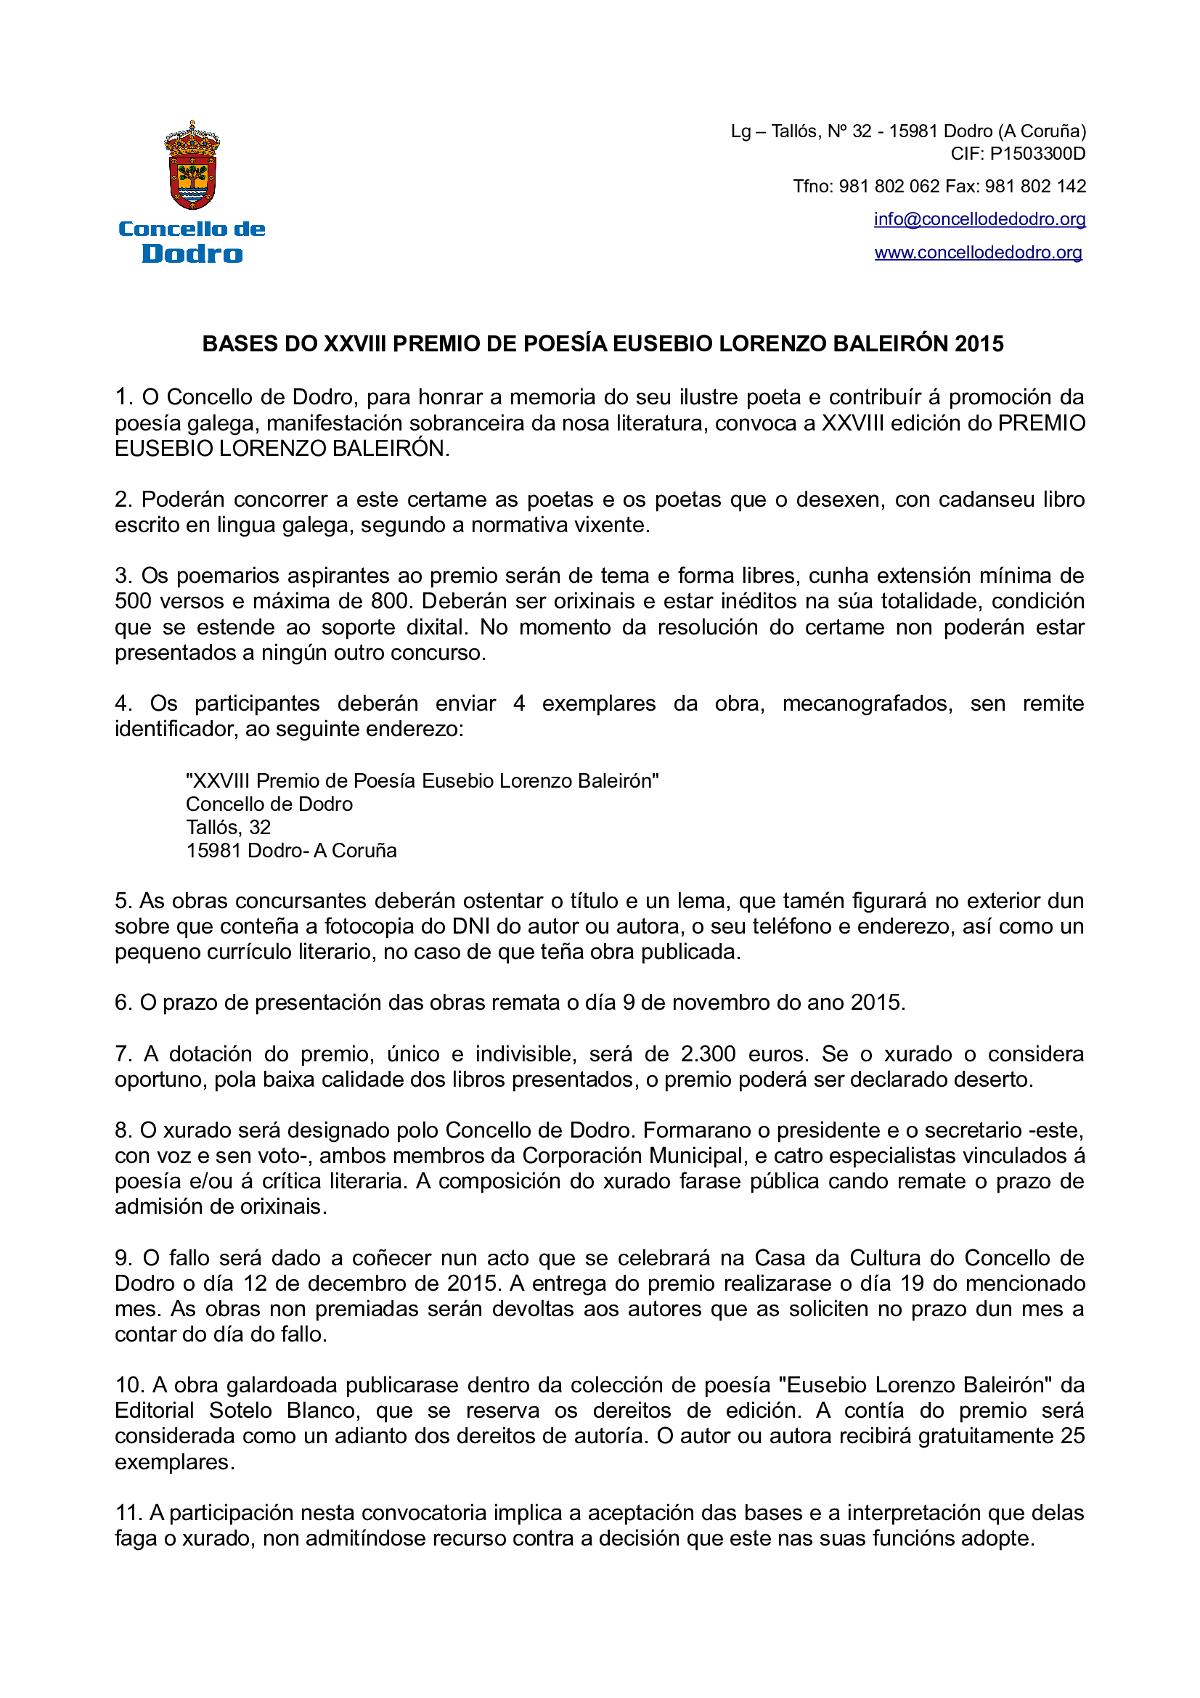 Bases Premio Eusebio Lorenzo Baleirón 2015